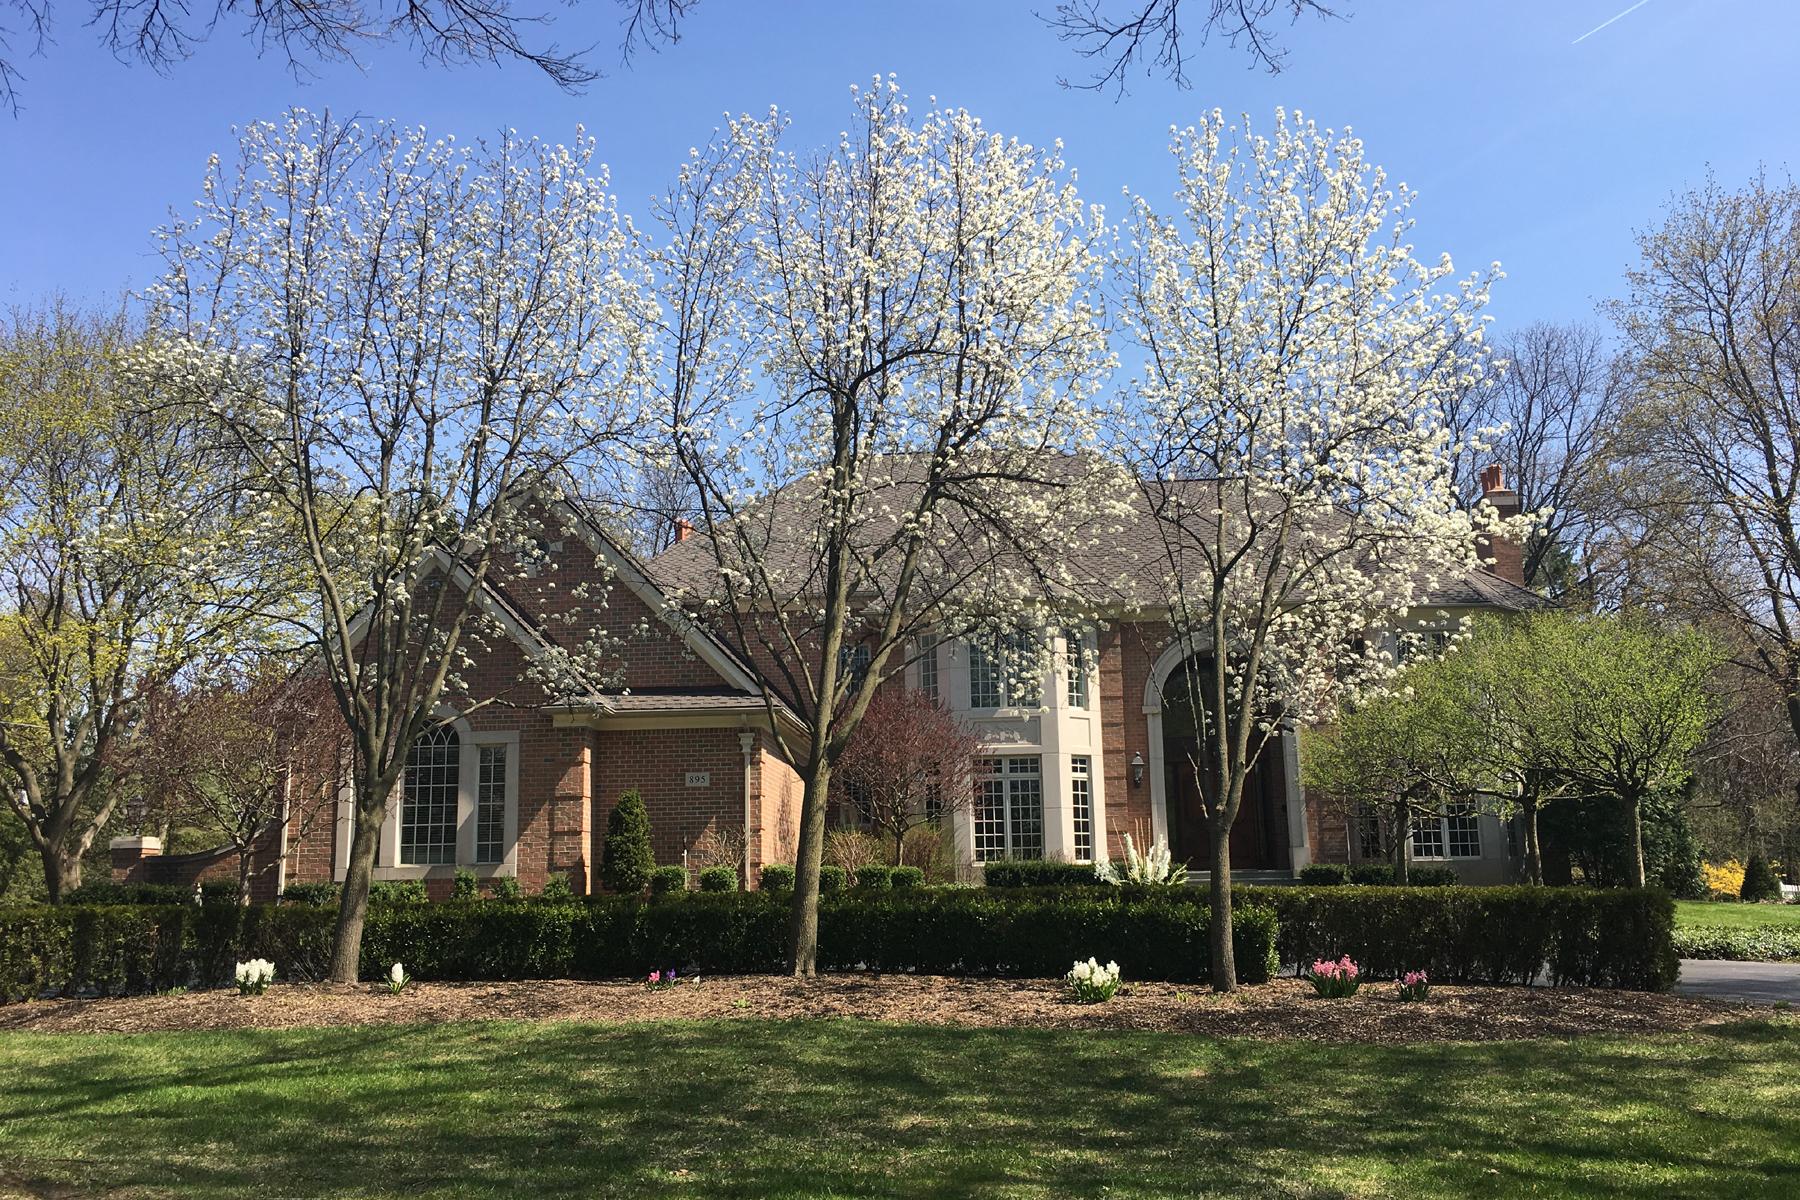 独户住宅 为 销售 在 Bloomfield 895 Harsdale Road, 布洛姆费尔德, 密歇根州, 48302 美国